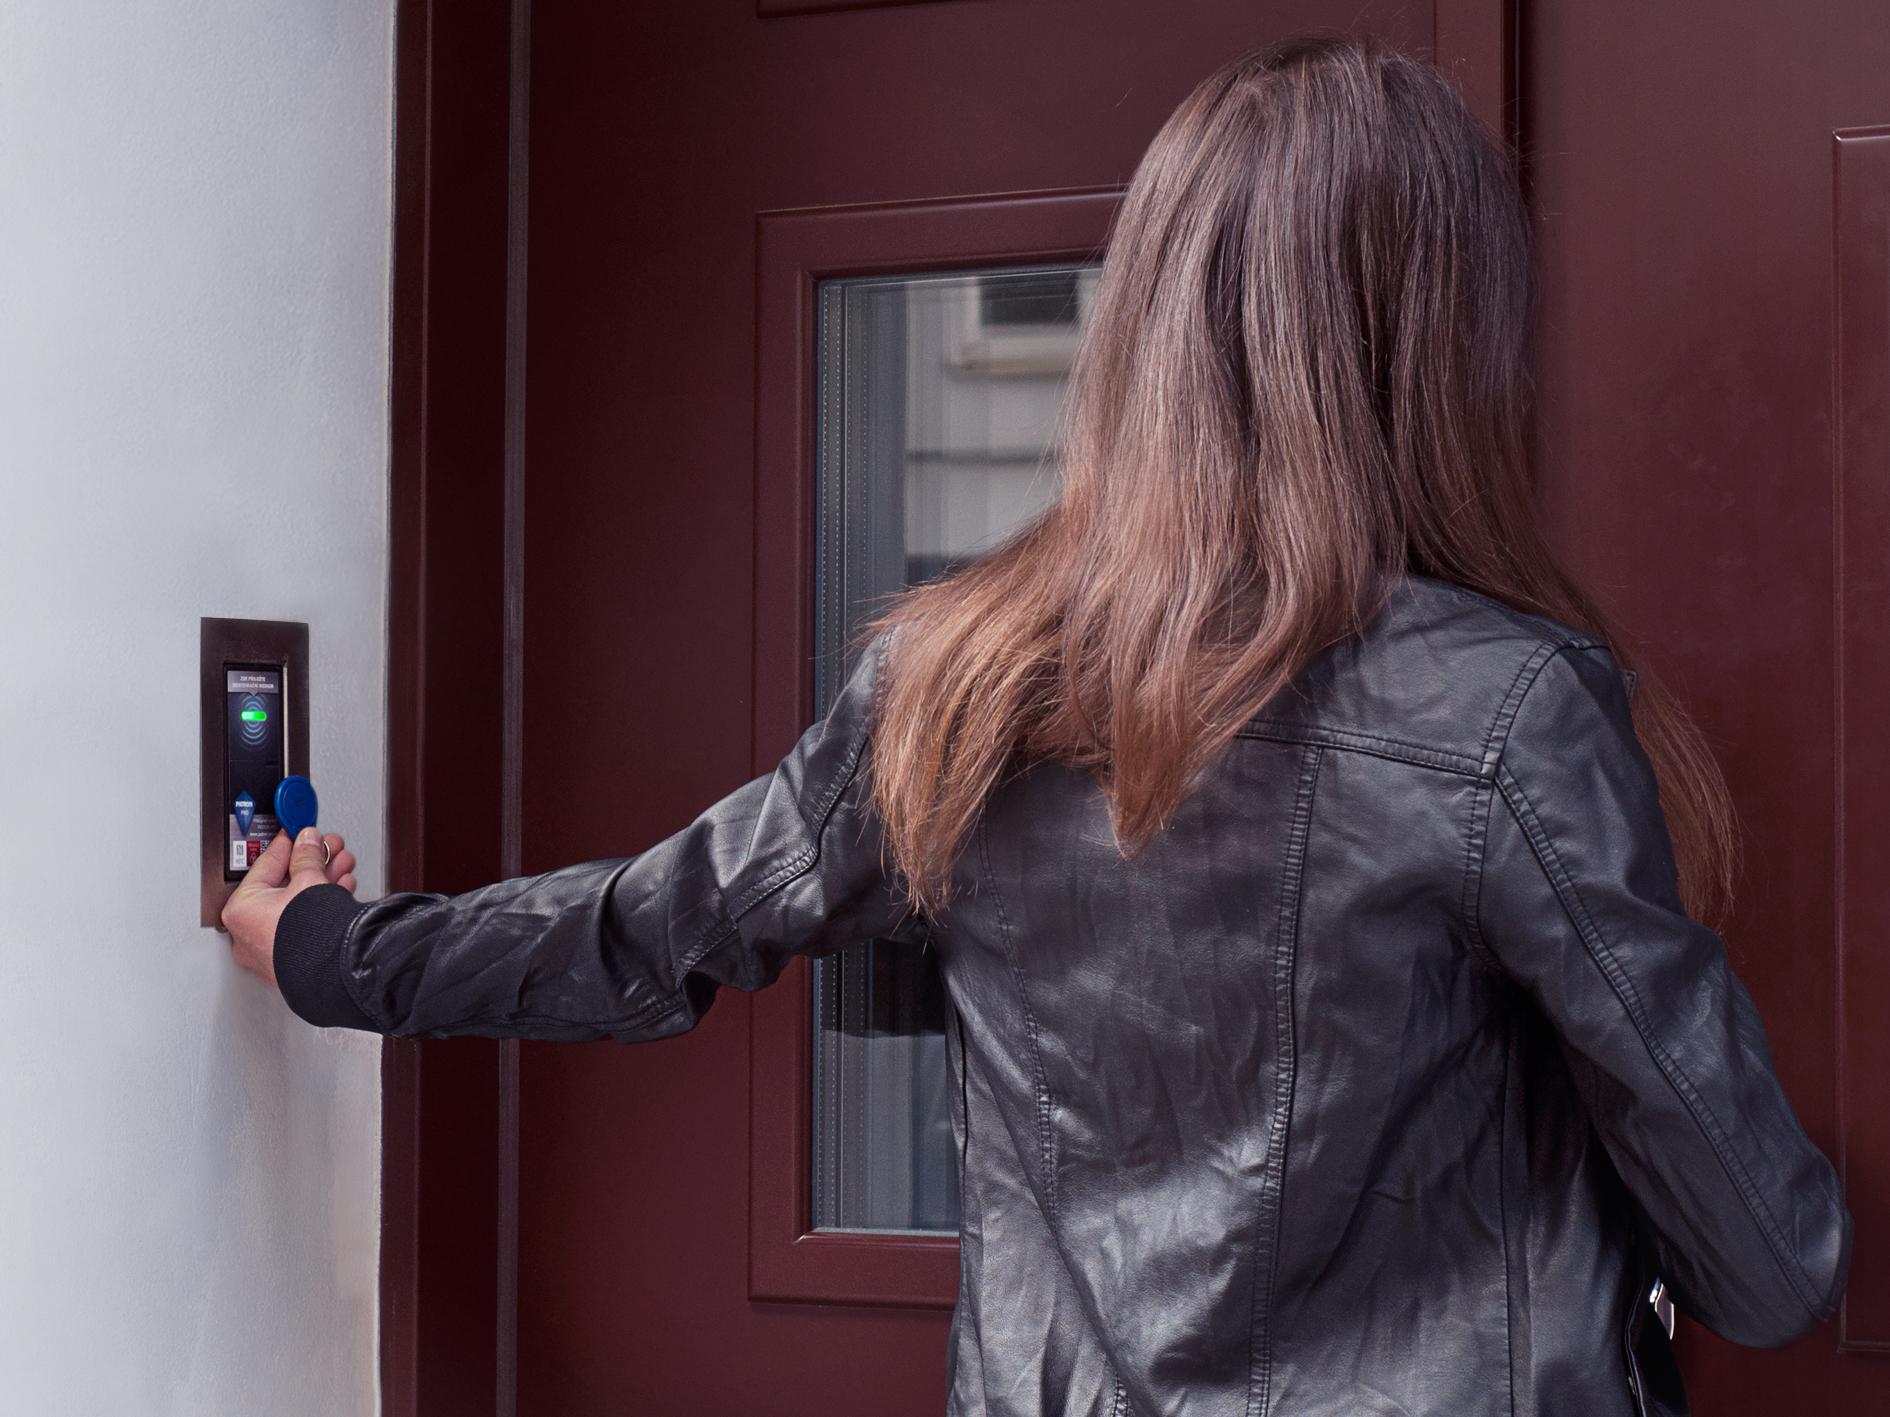 Otevírání dveří NFC čipem